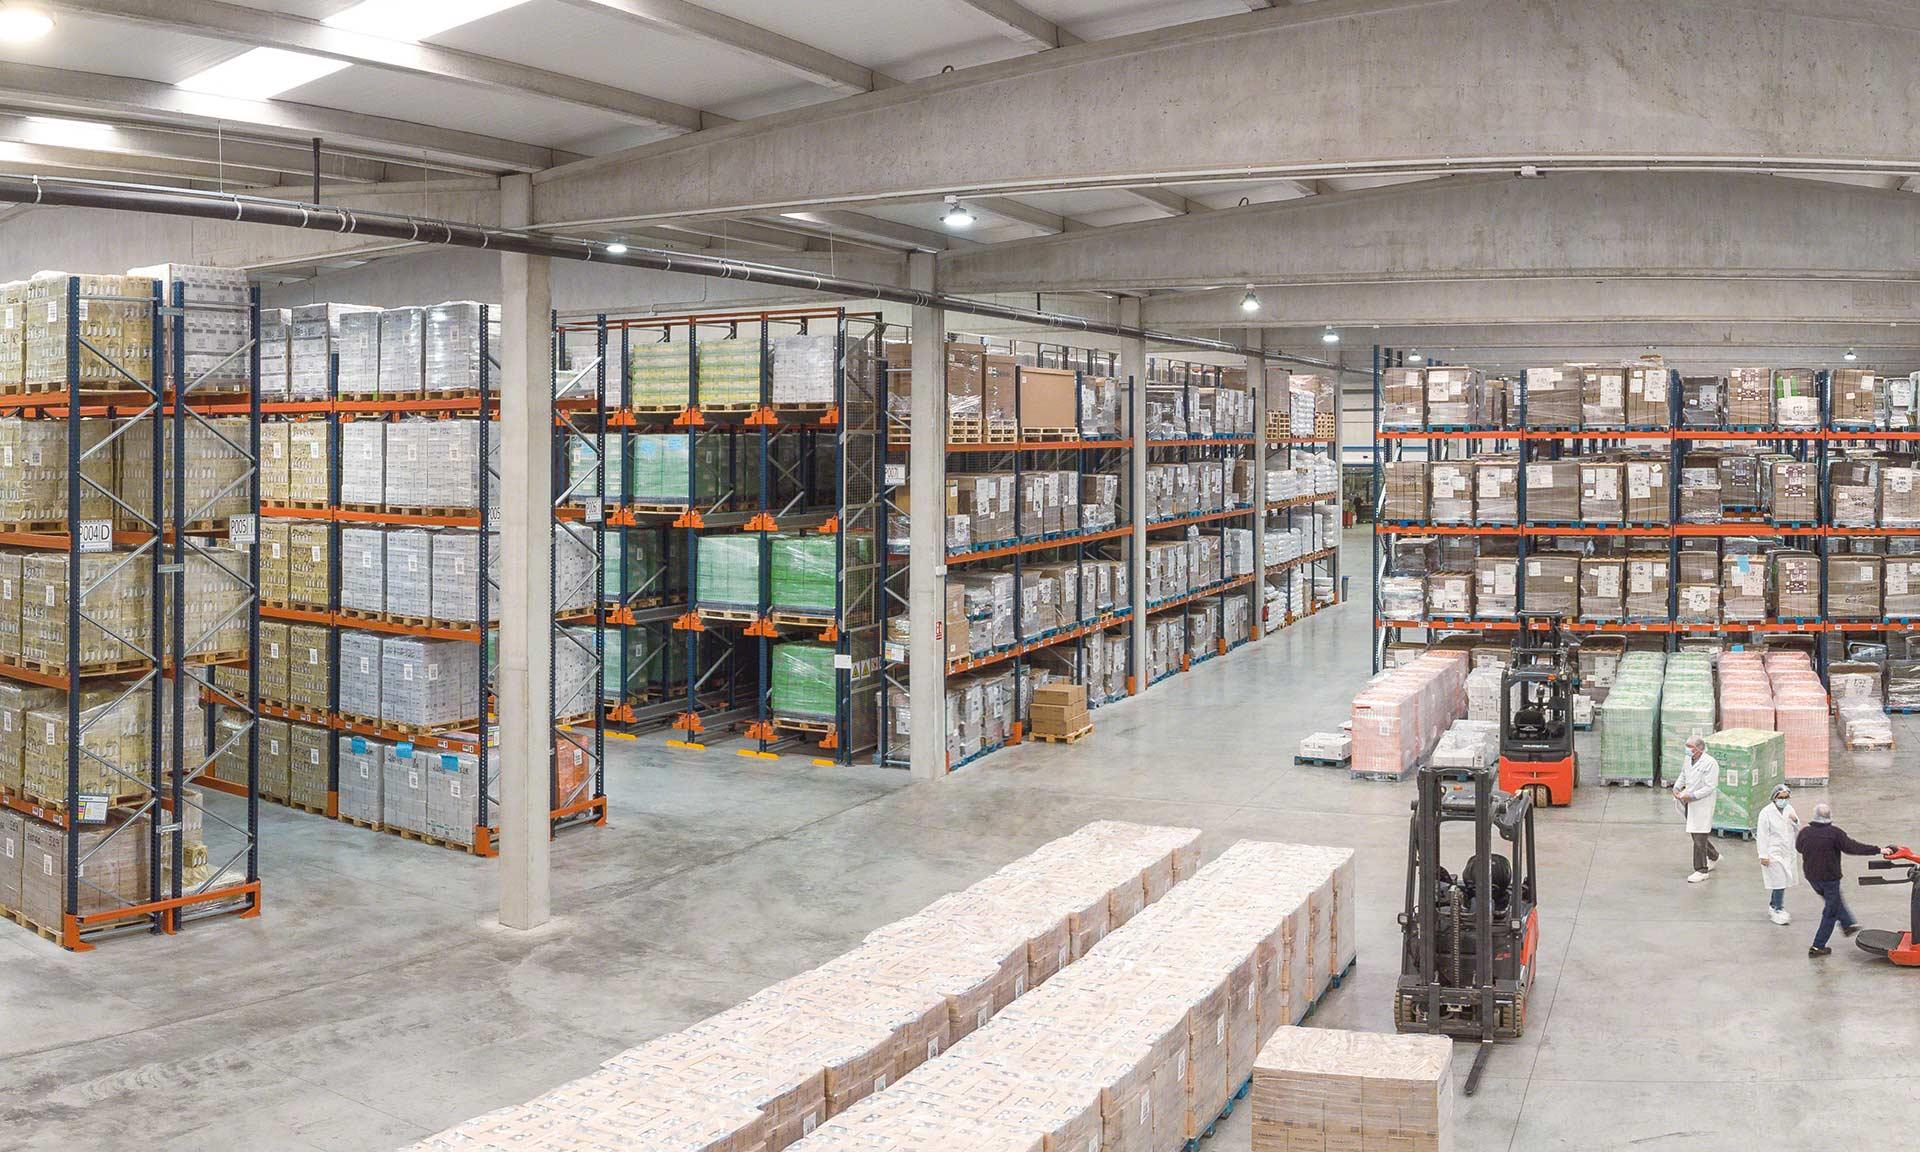 Costa Concentrados Levantinos : rafraichissement de la chaîne d'approvisionnement